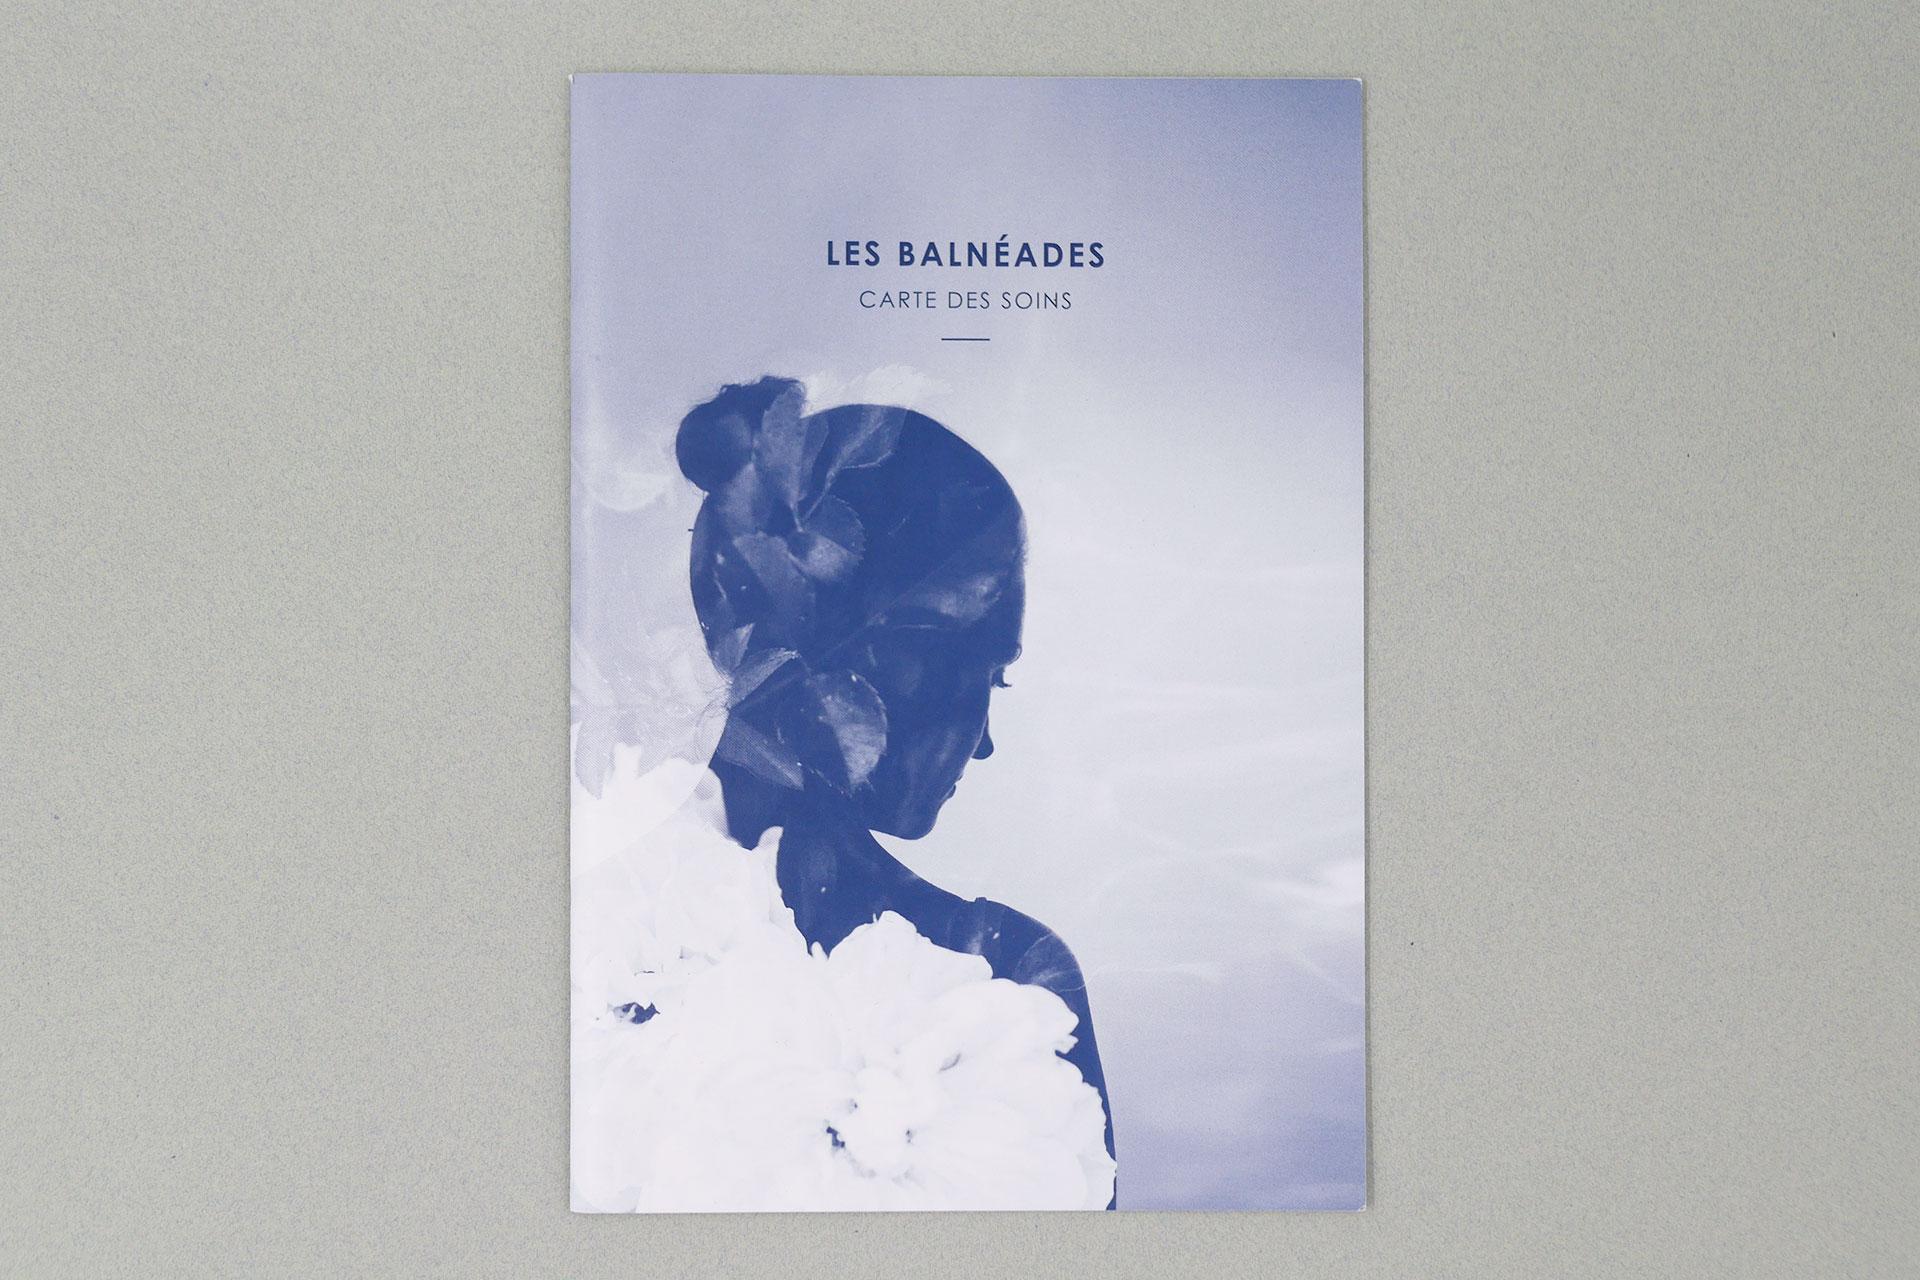 Couverture de la carte des soins Les Balnéades © Morgane Baltzer